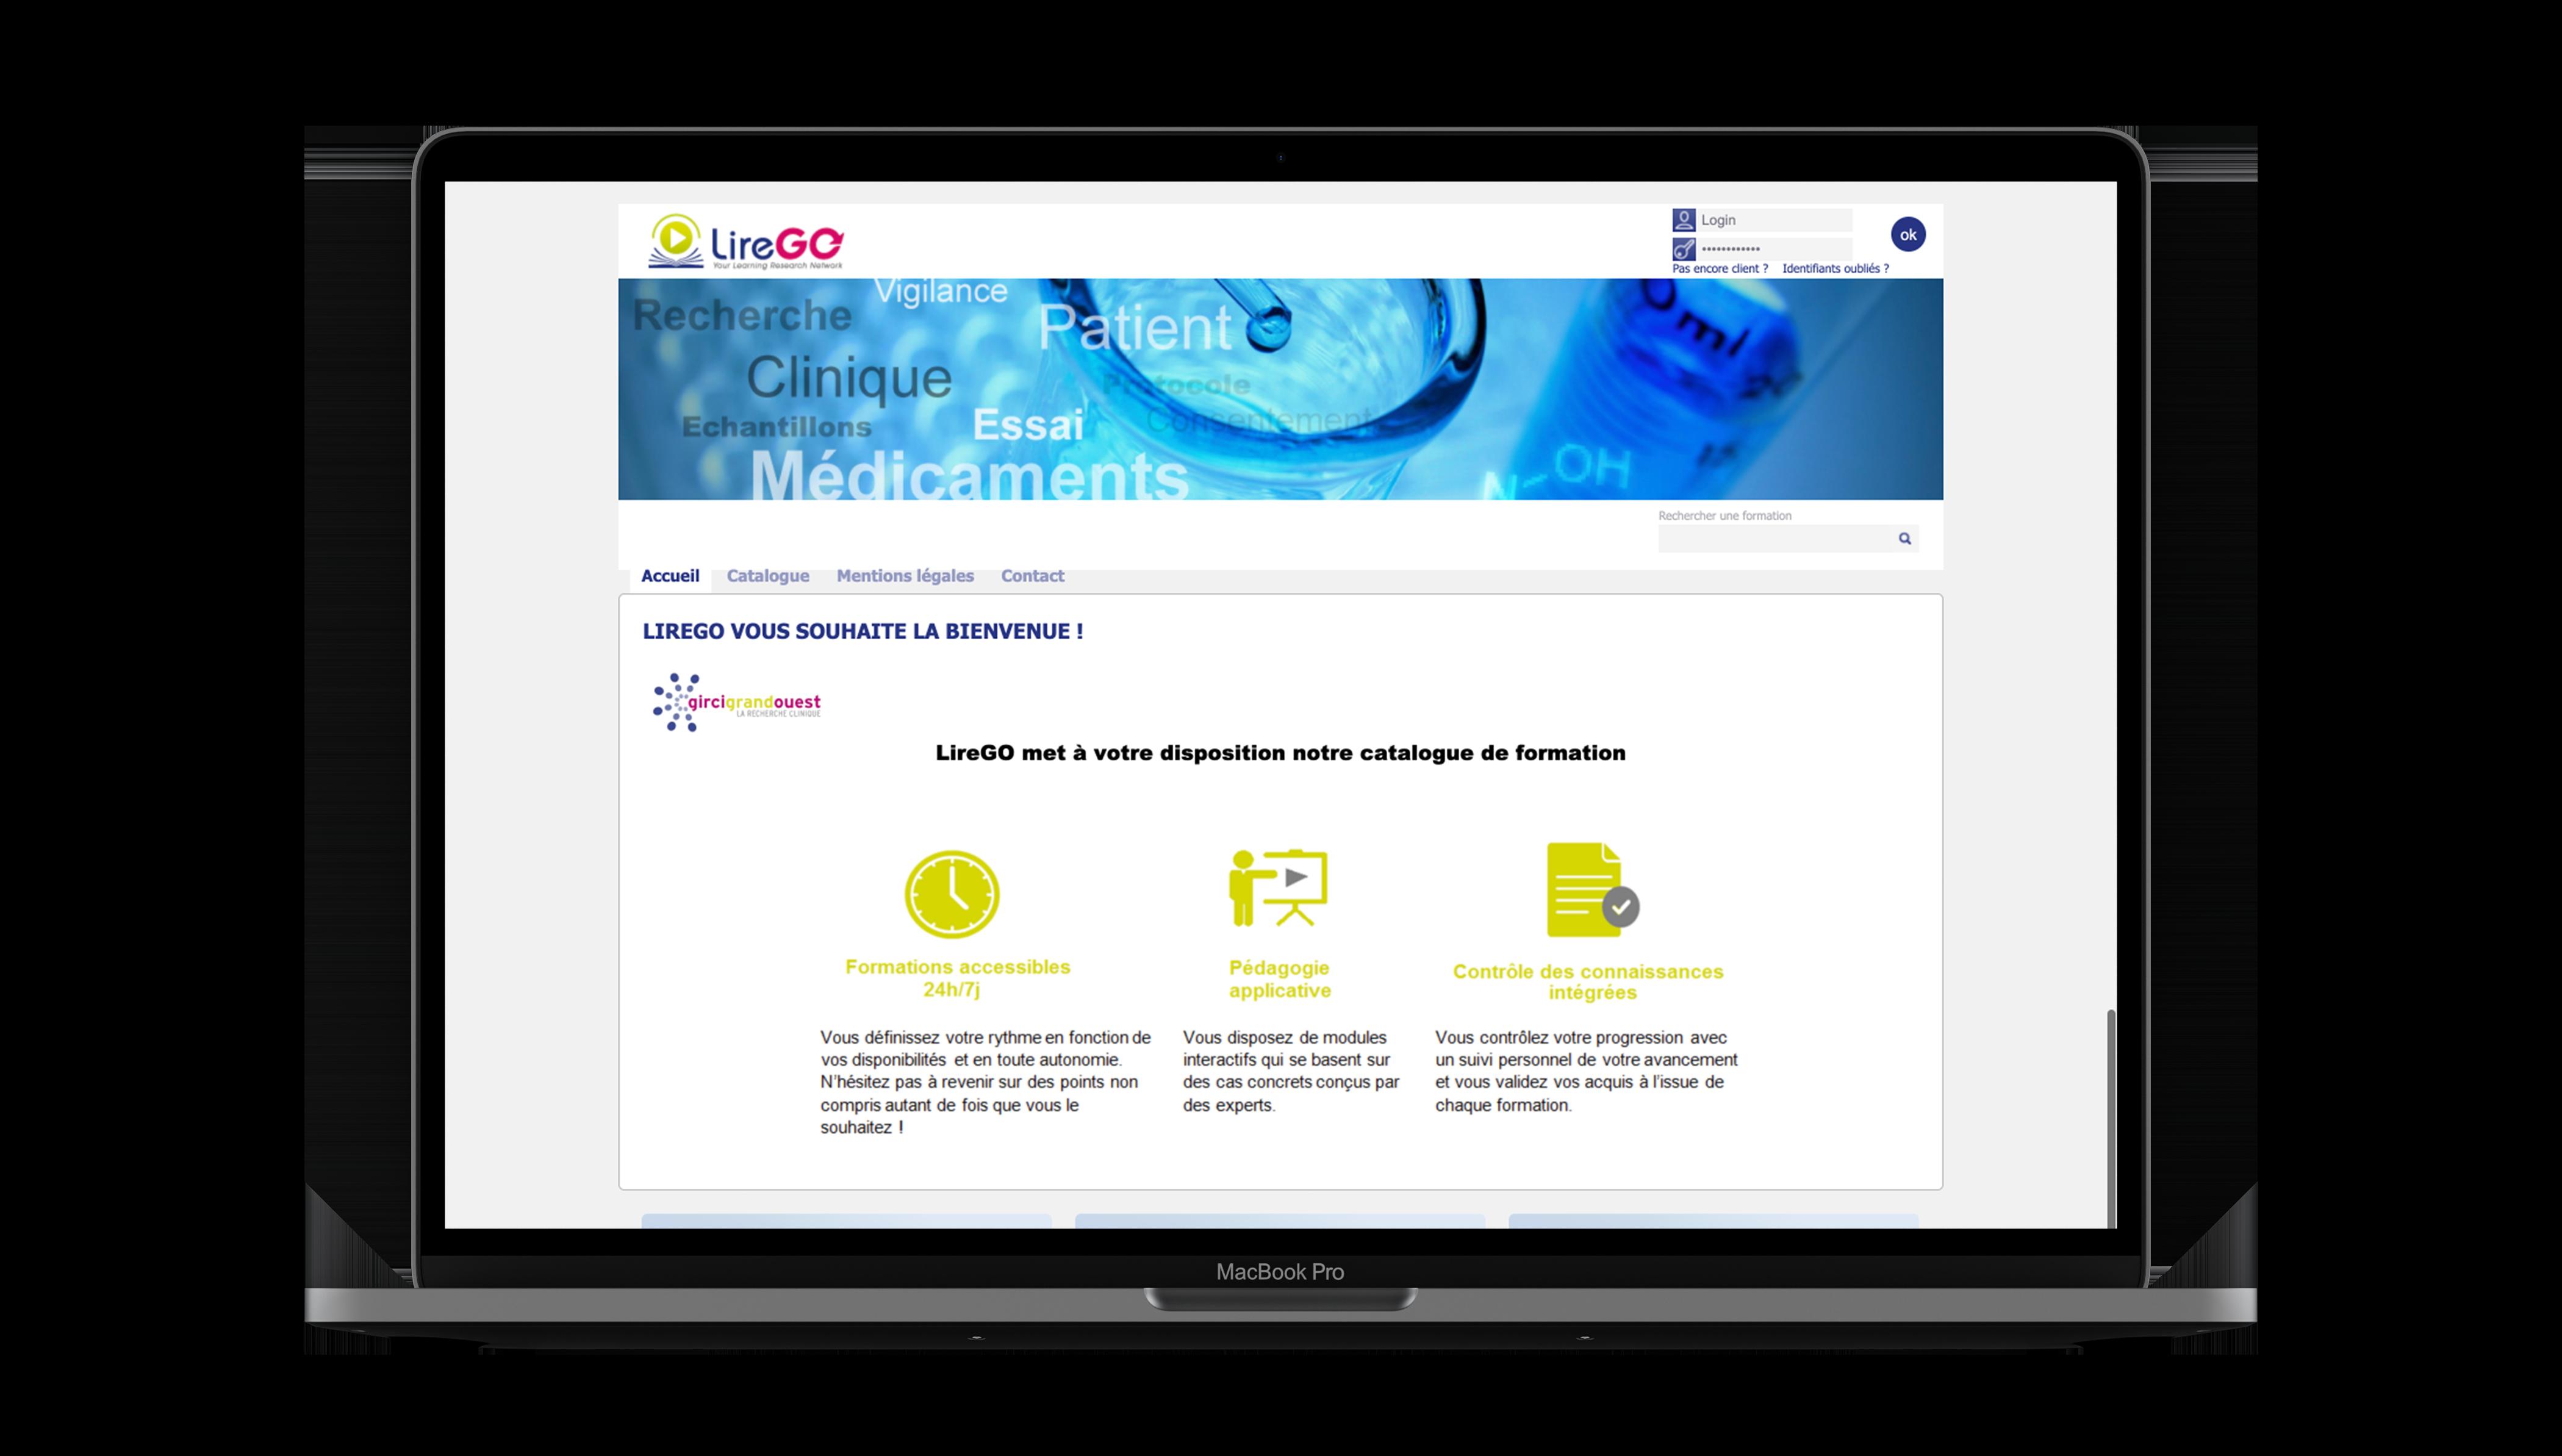 Mock Up montrant l'interface de Lirego